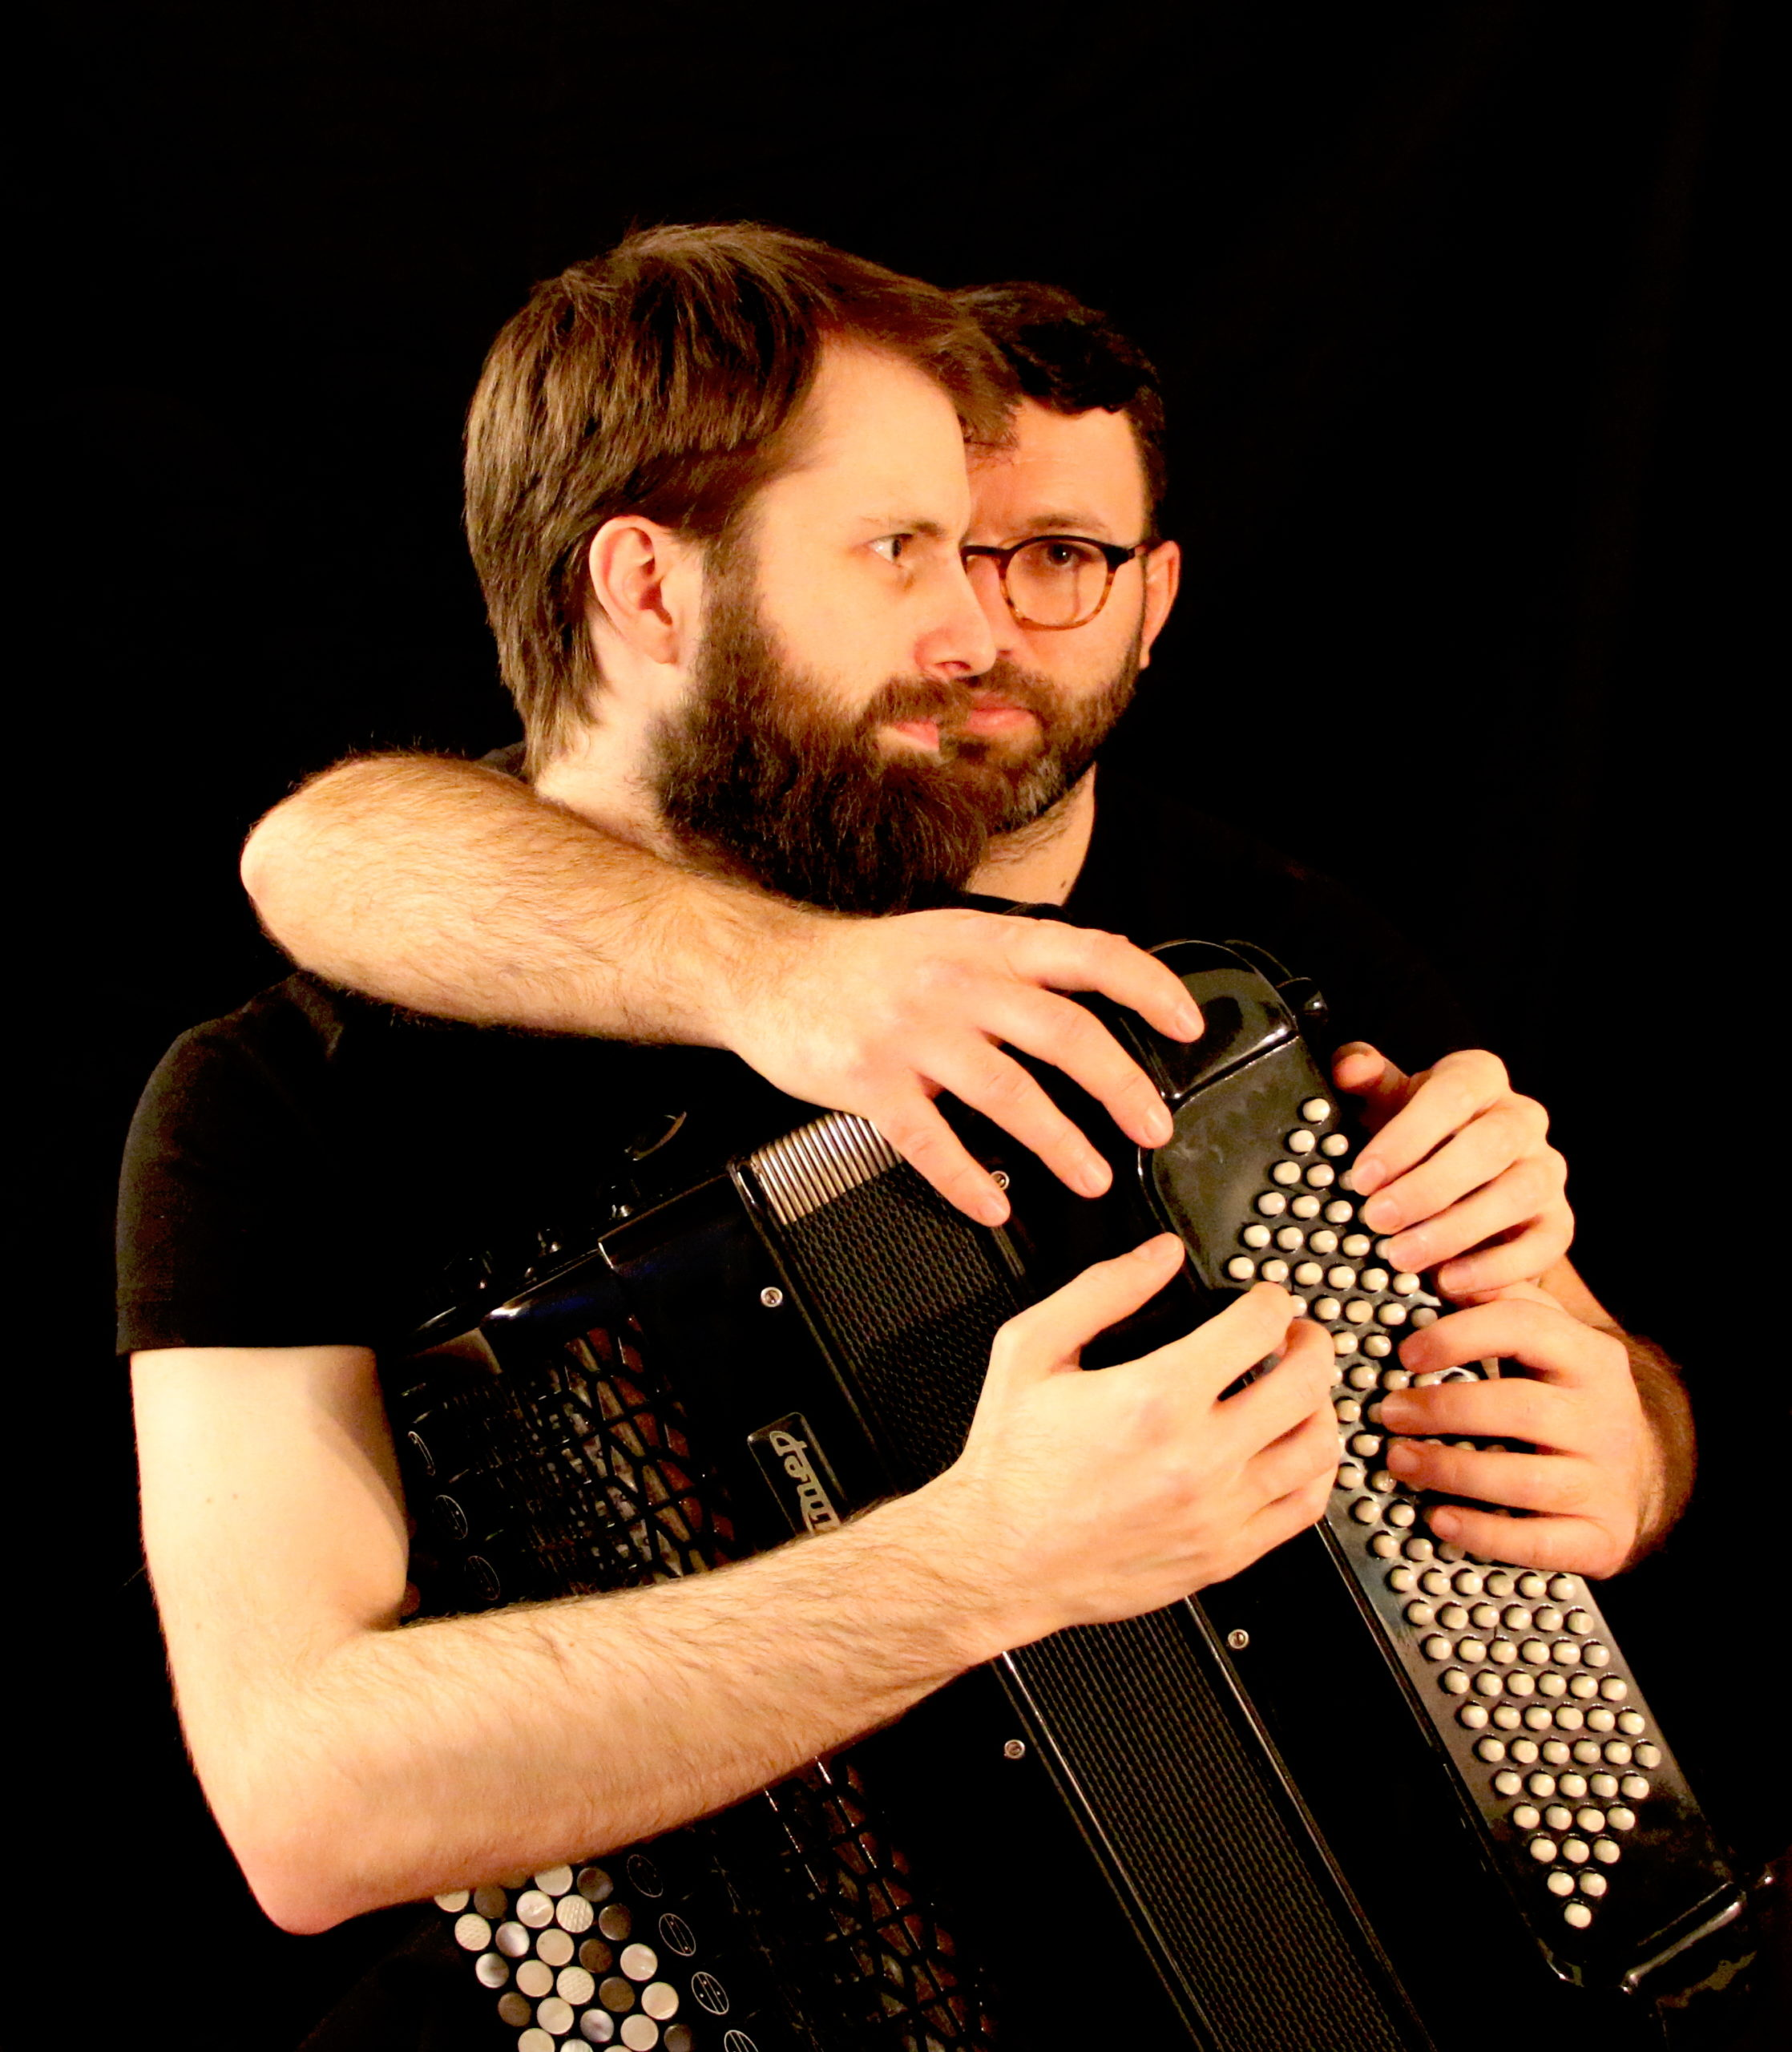 Musik für Akkordeon zu vier Händen